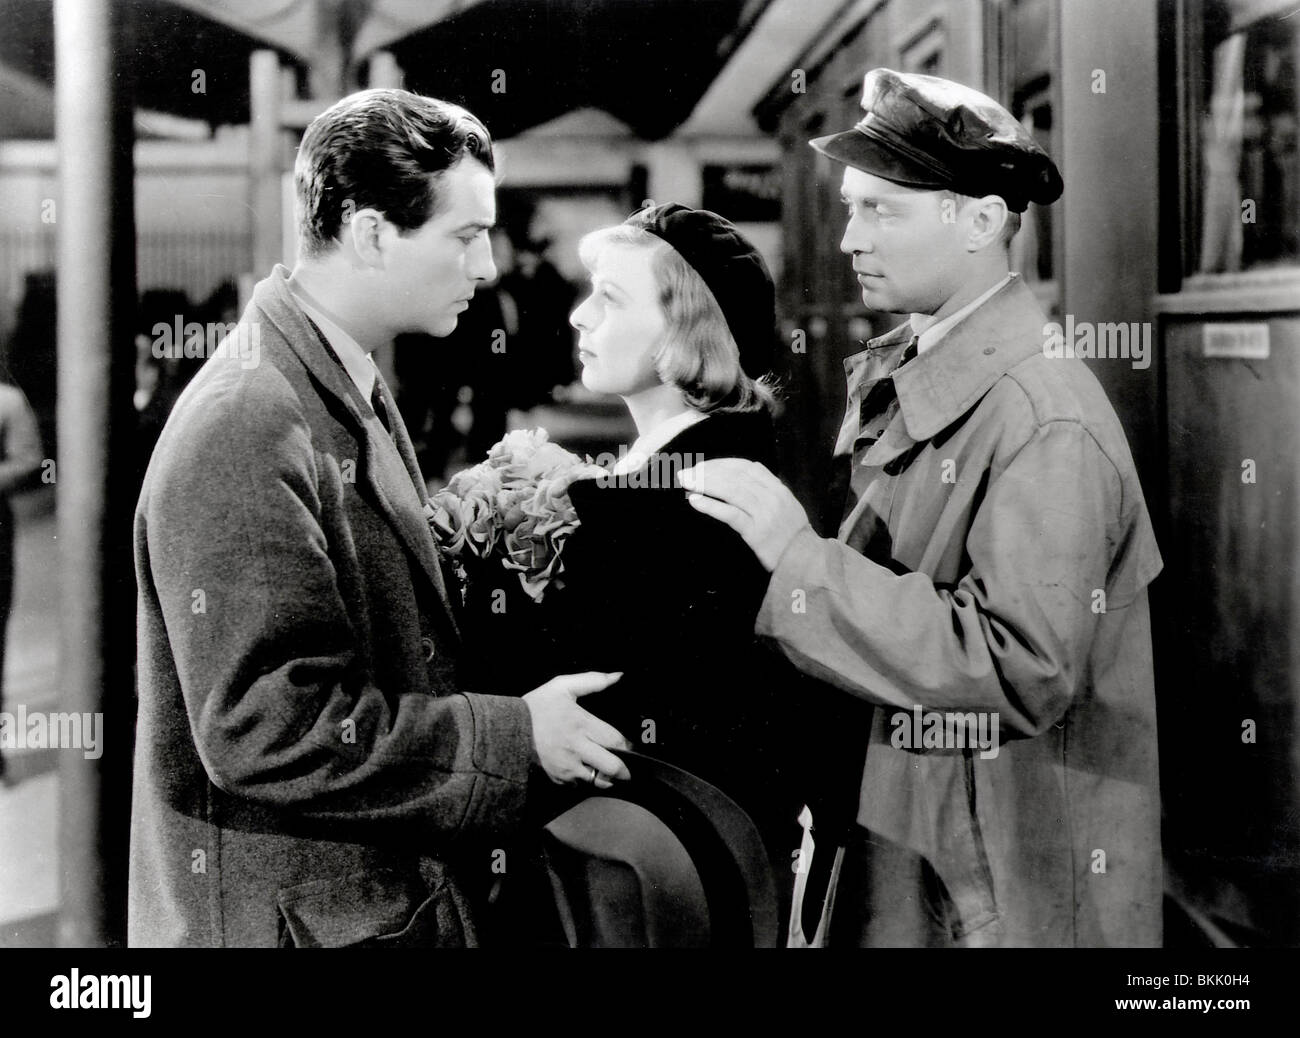 Trois camarades (1938) ROBERT TAYLOR, MARGARET SULLAVAN, FRANCHOT TONE TREC 007 P Photo Stock